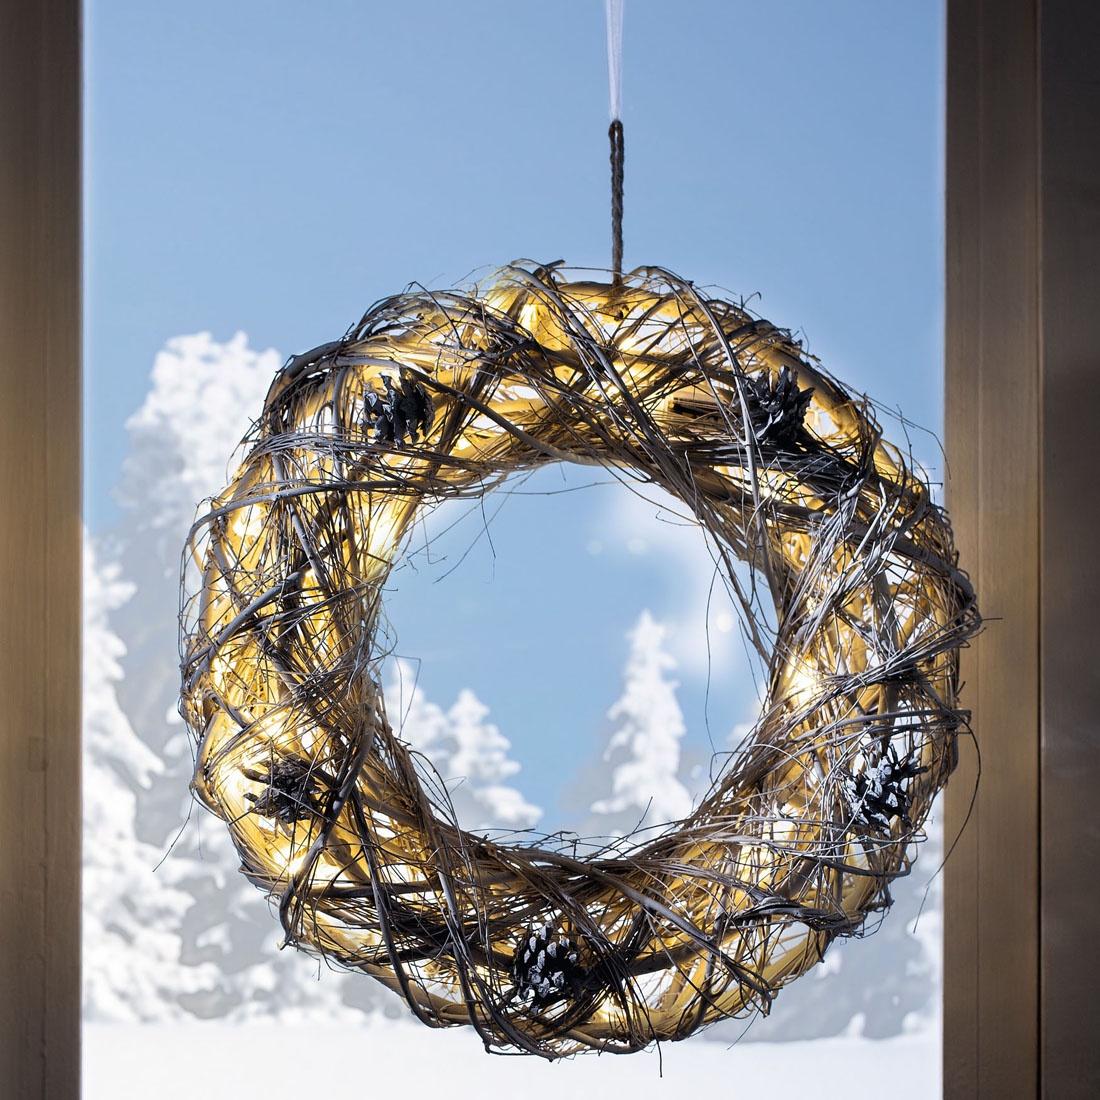 Венок Хит-декор Зима со светодиодной подсветкой, 05862, 40х10 см венок на стену 25см золотой текстильный декор